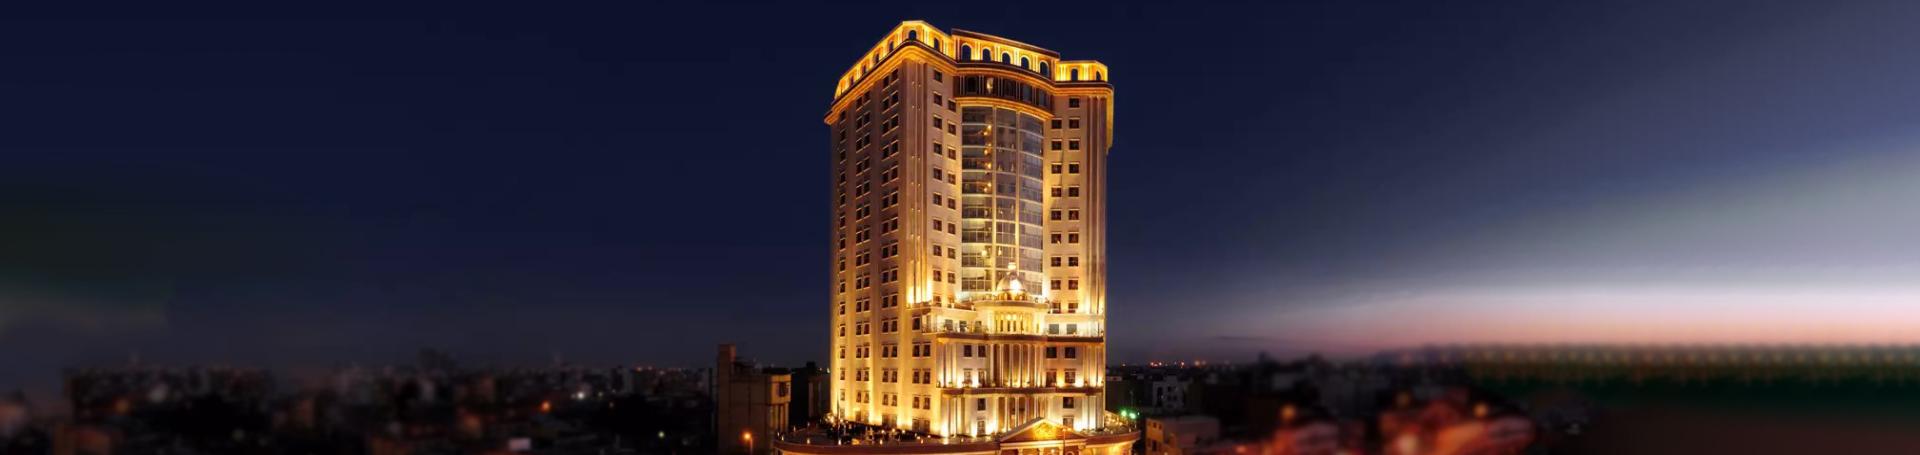 هتل قصرطلایی مشهد